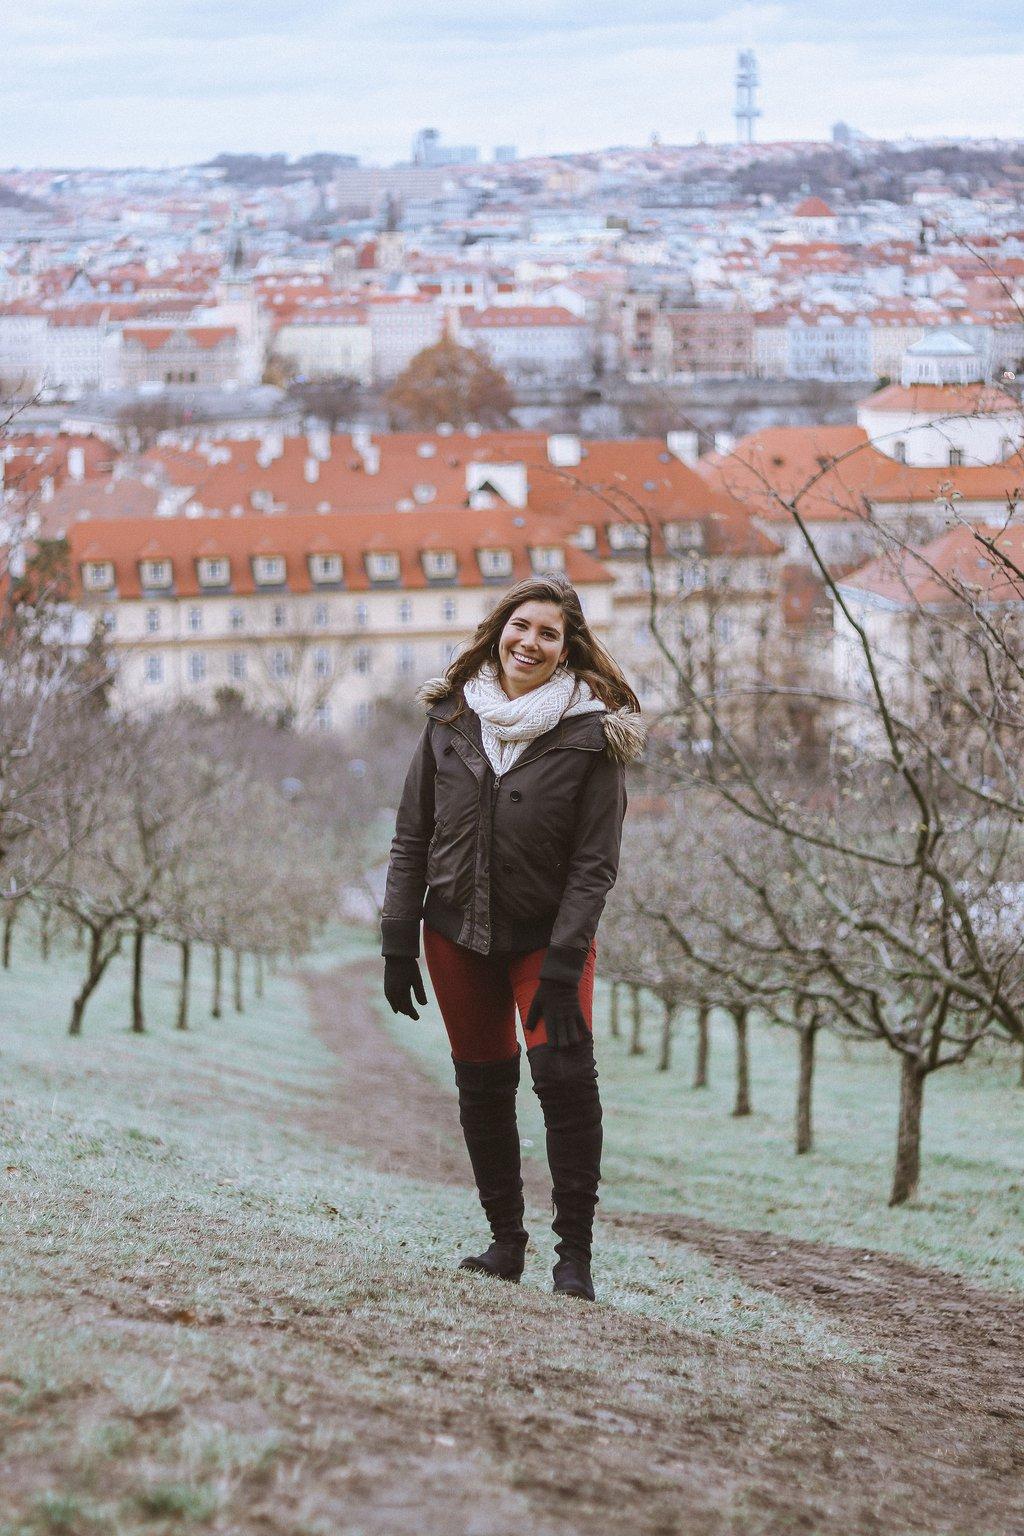 Lyvie's Portfolio - Image 12